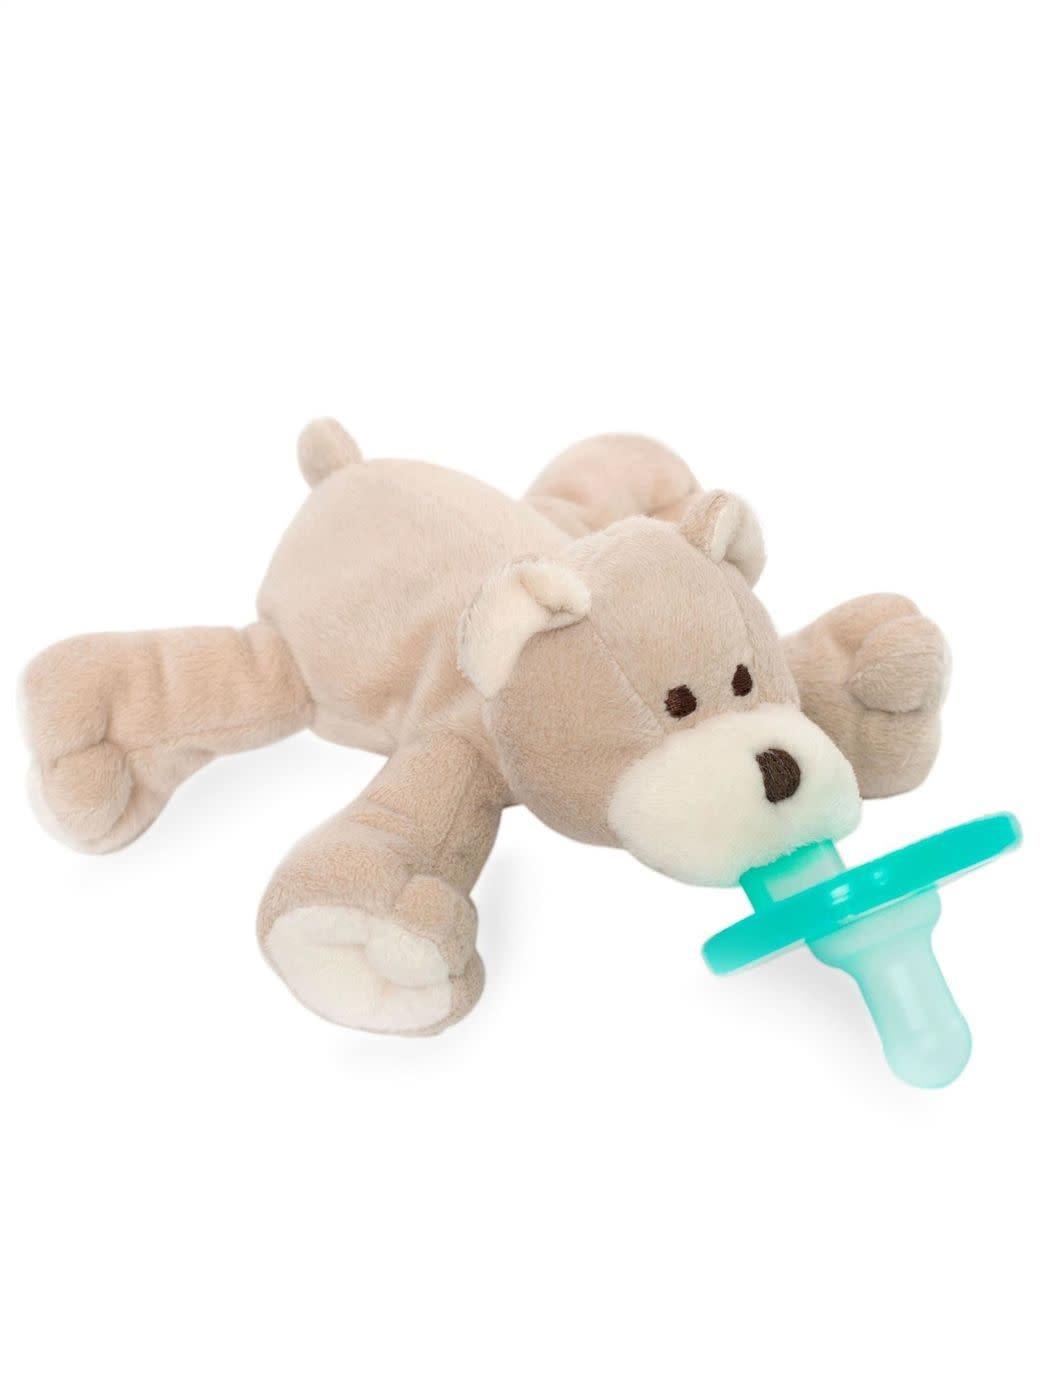 Wubbanub Wubbanub - Baby Bear